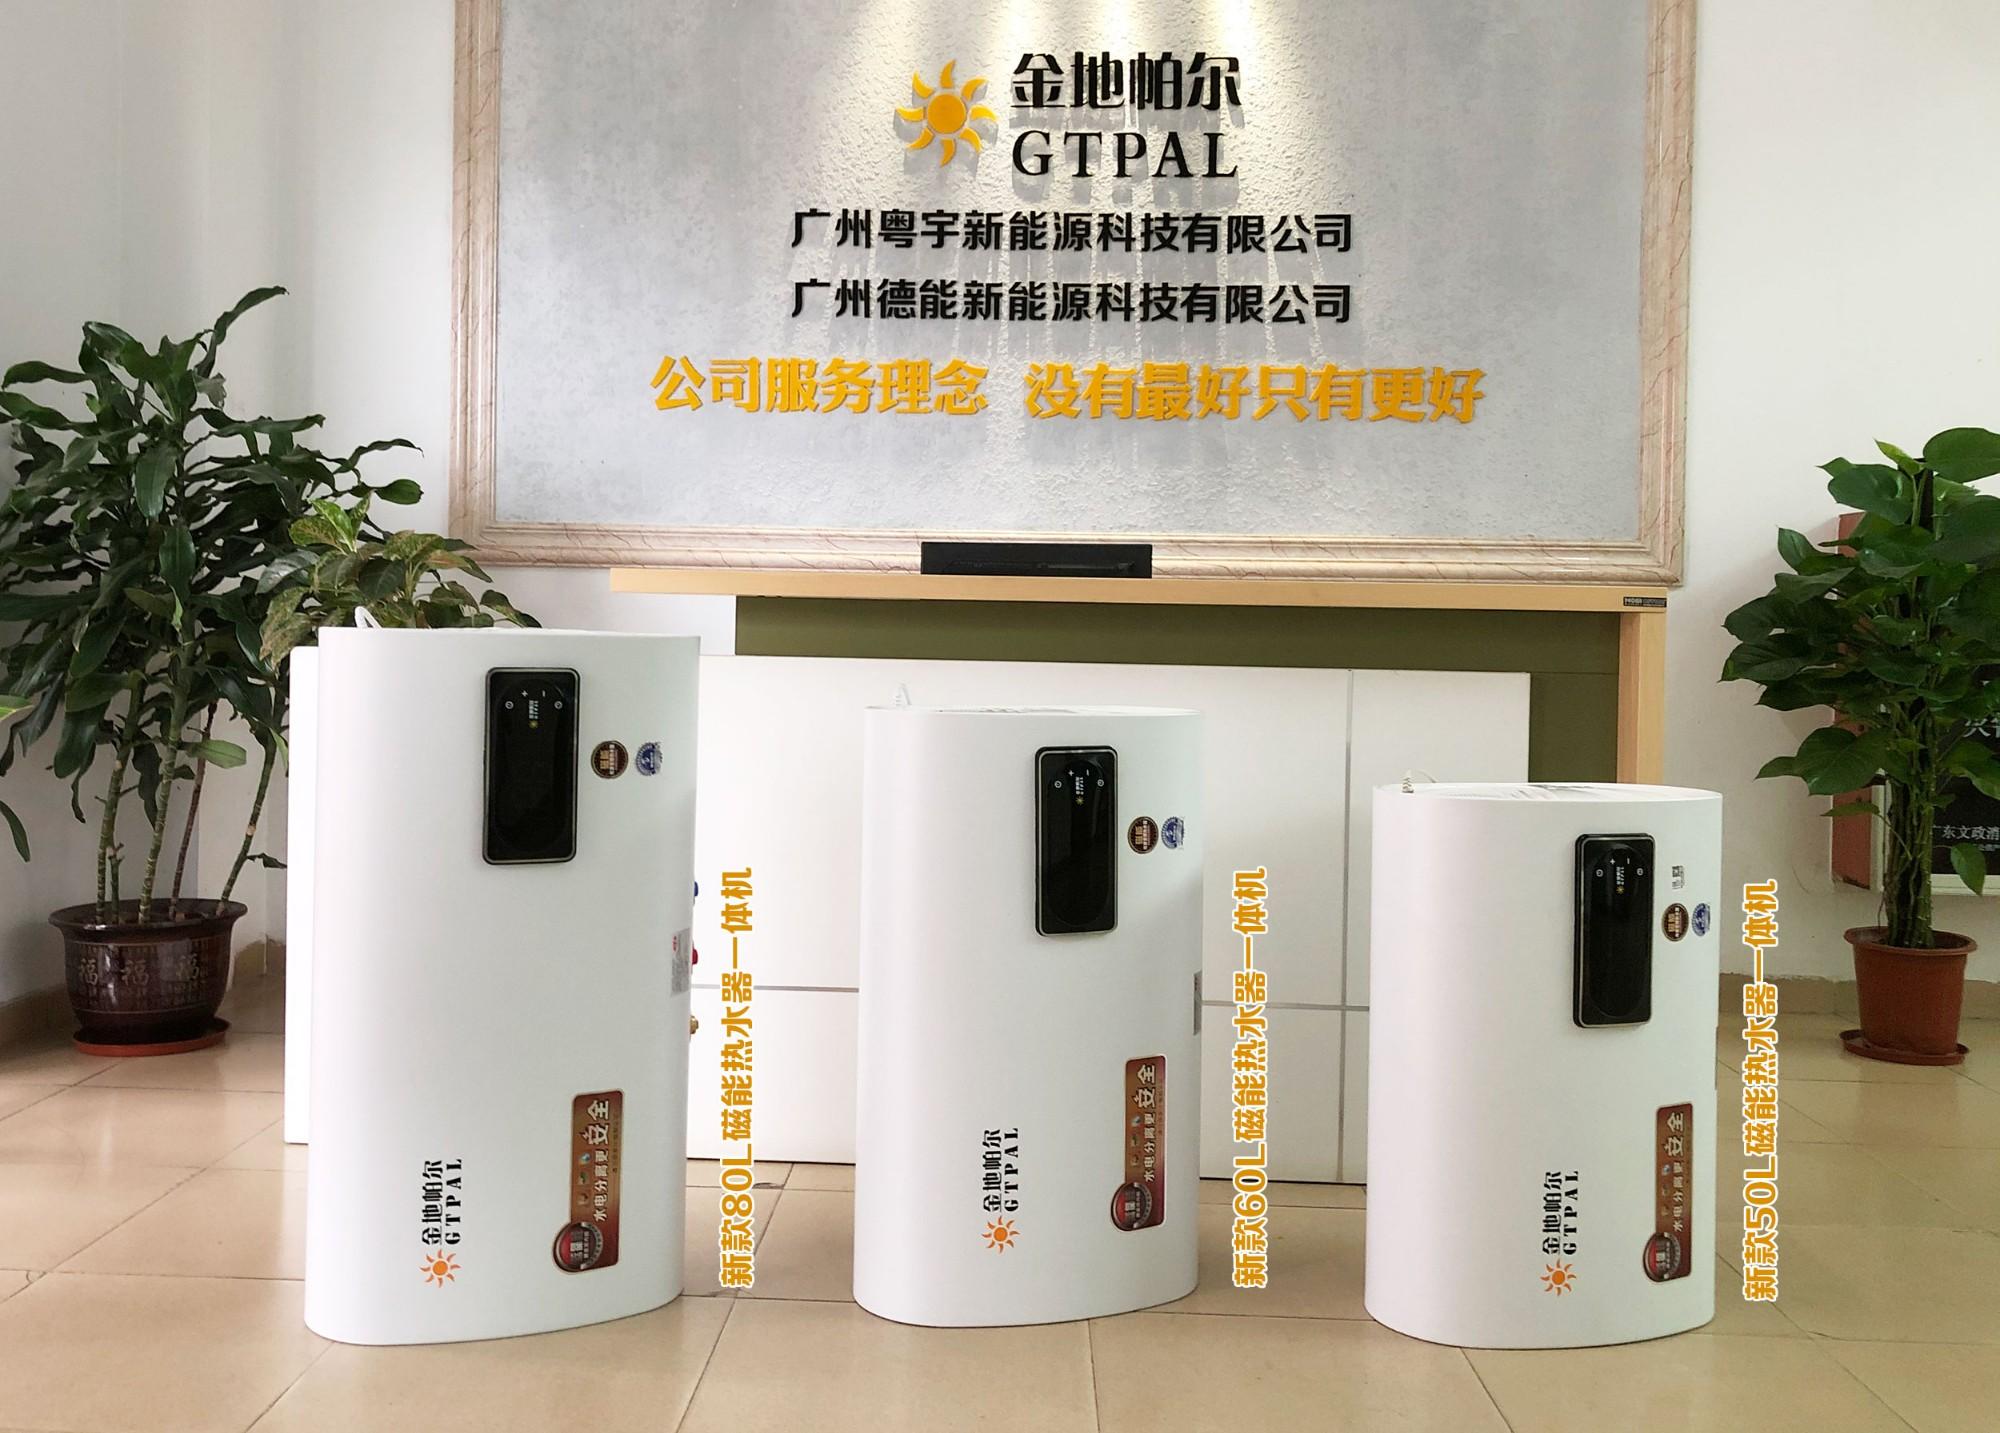 【粤宇资讯】金地帕尔新款磁能热水器一体机成功面市!!